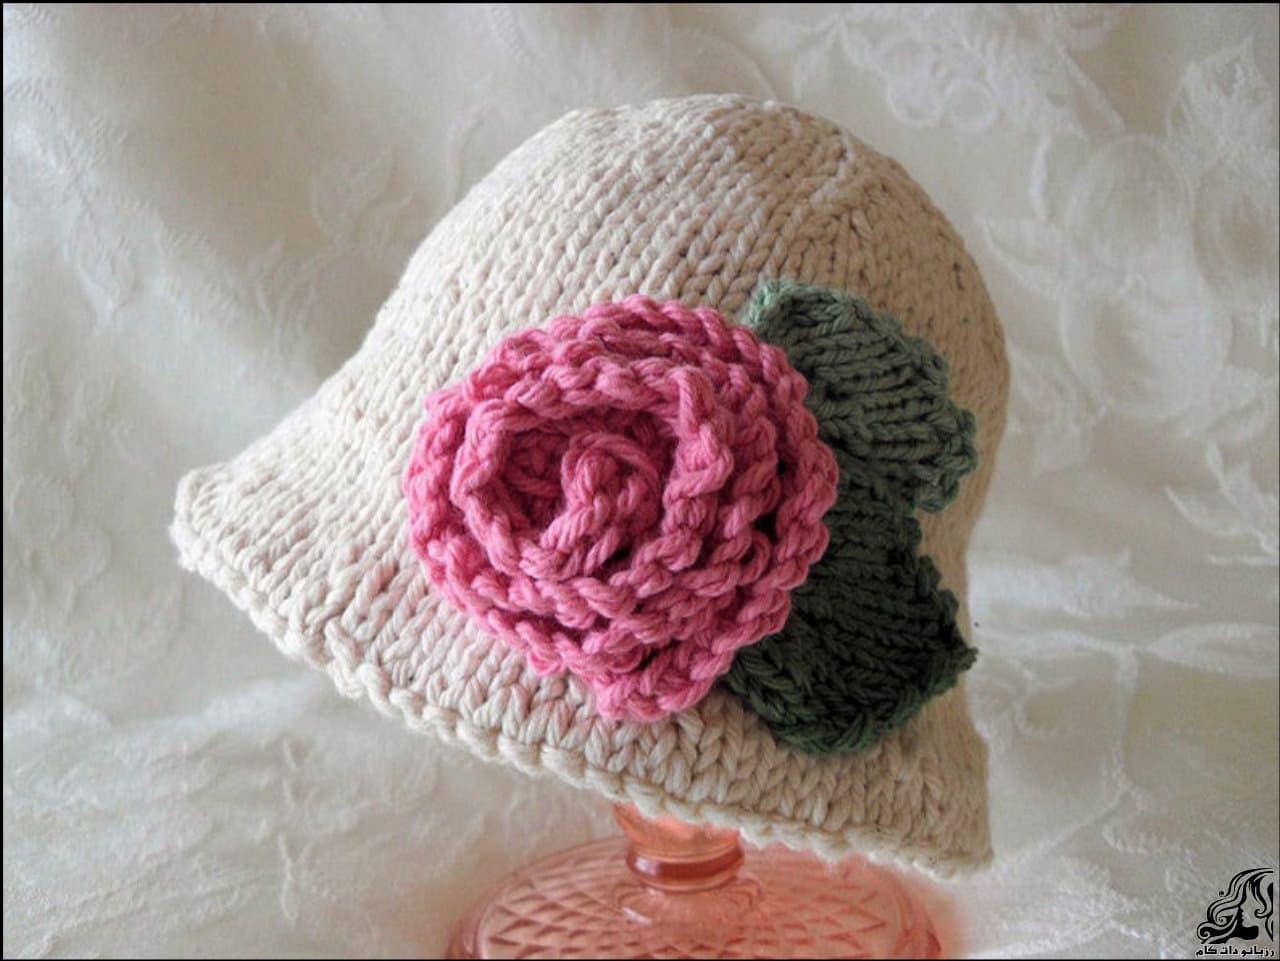 آموزش رج به رج بافت کلاه کودک با یک گل رز در کناره کلاه